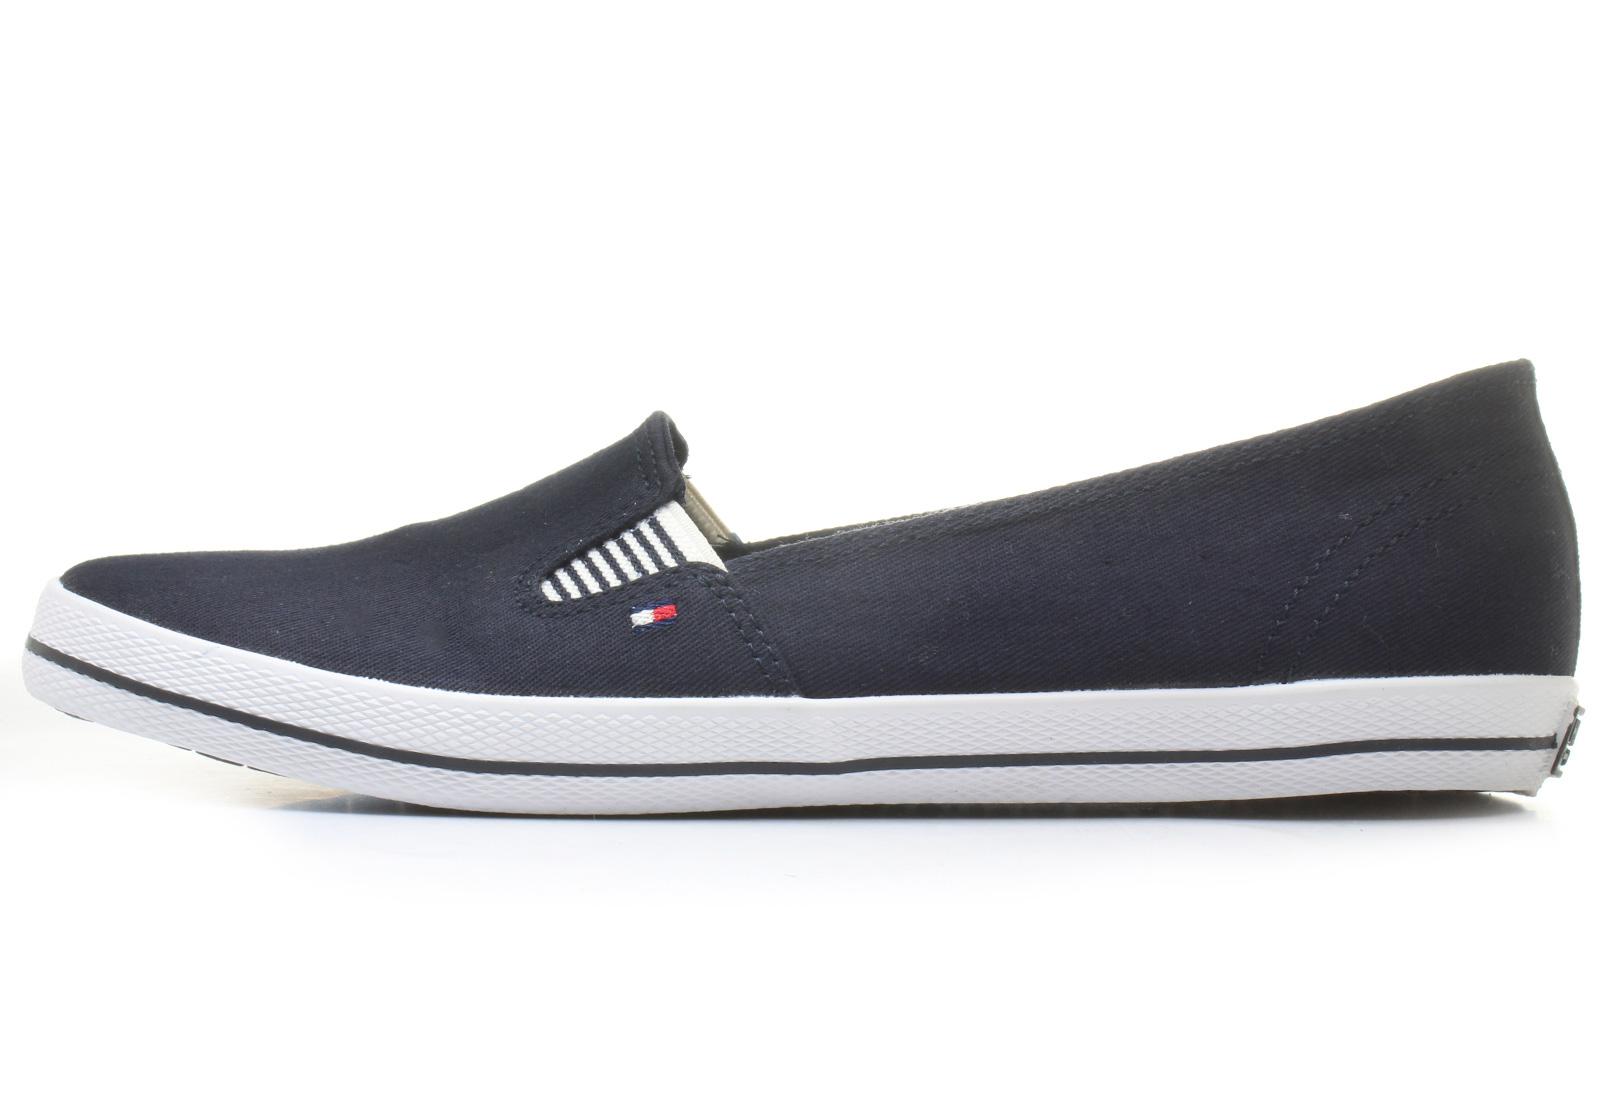 tommy hilfiger shoes victoria 12d 14s 6882 403 online shop for. Black Bedroom Furniture Sets. Home Design Ideas